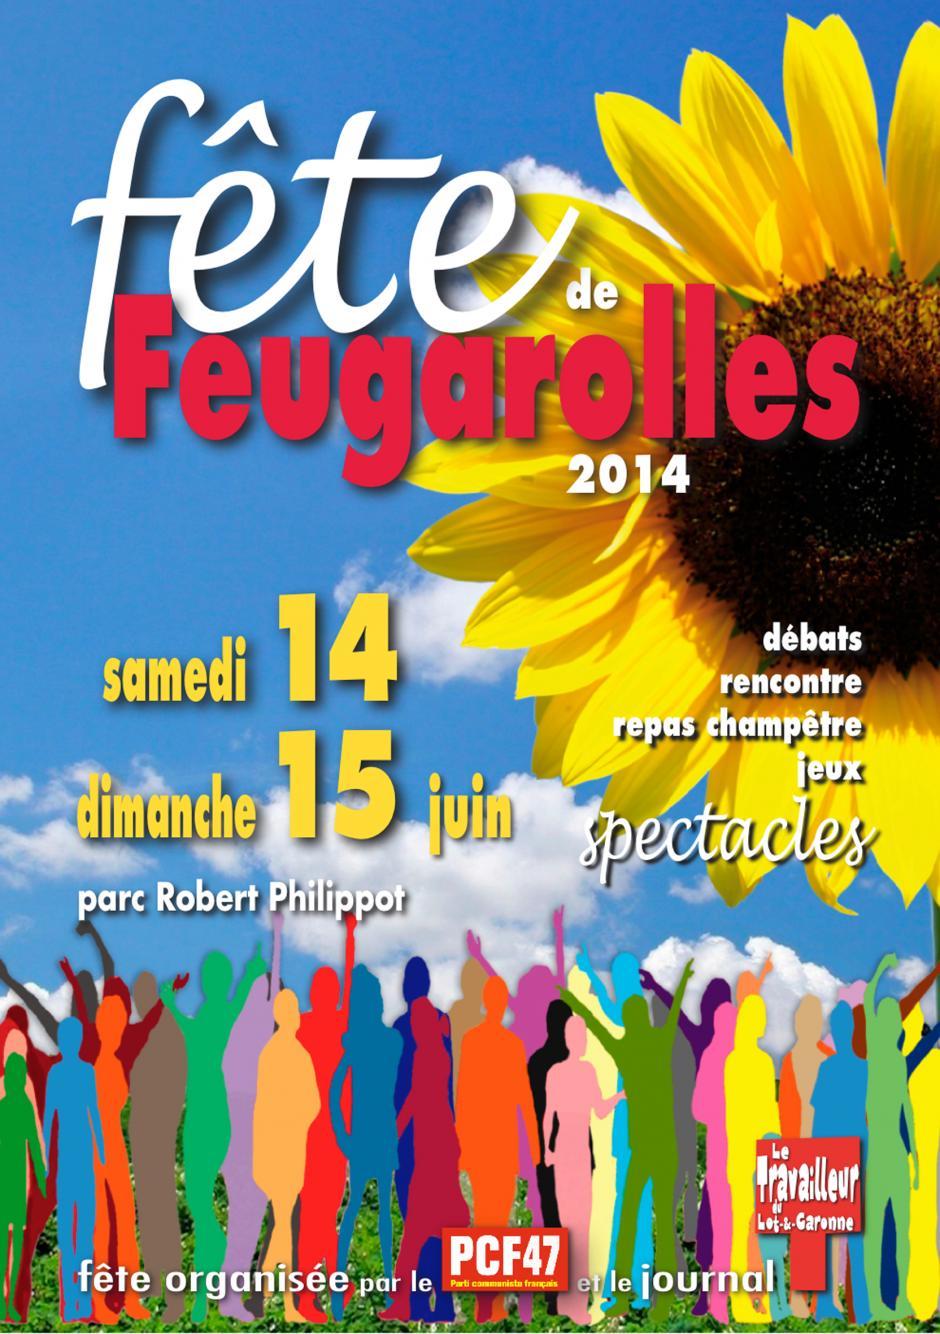 Fete de Feugarolles 2014